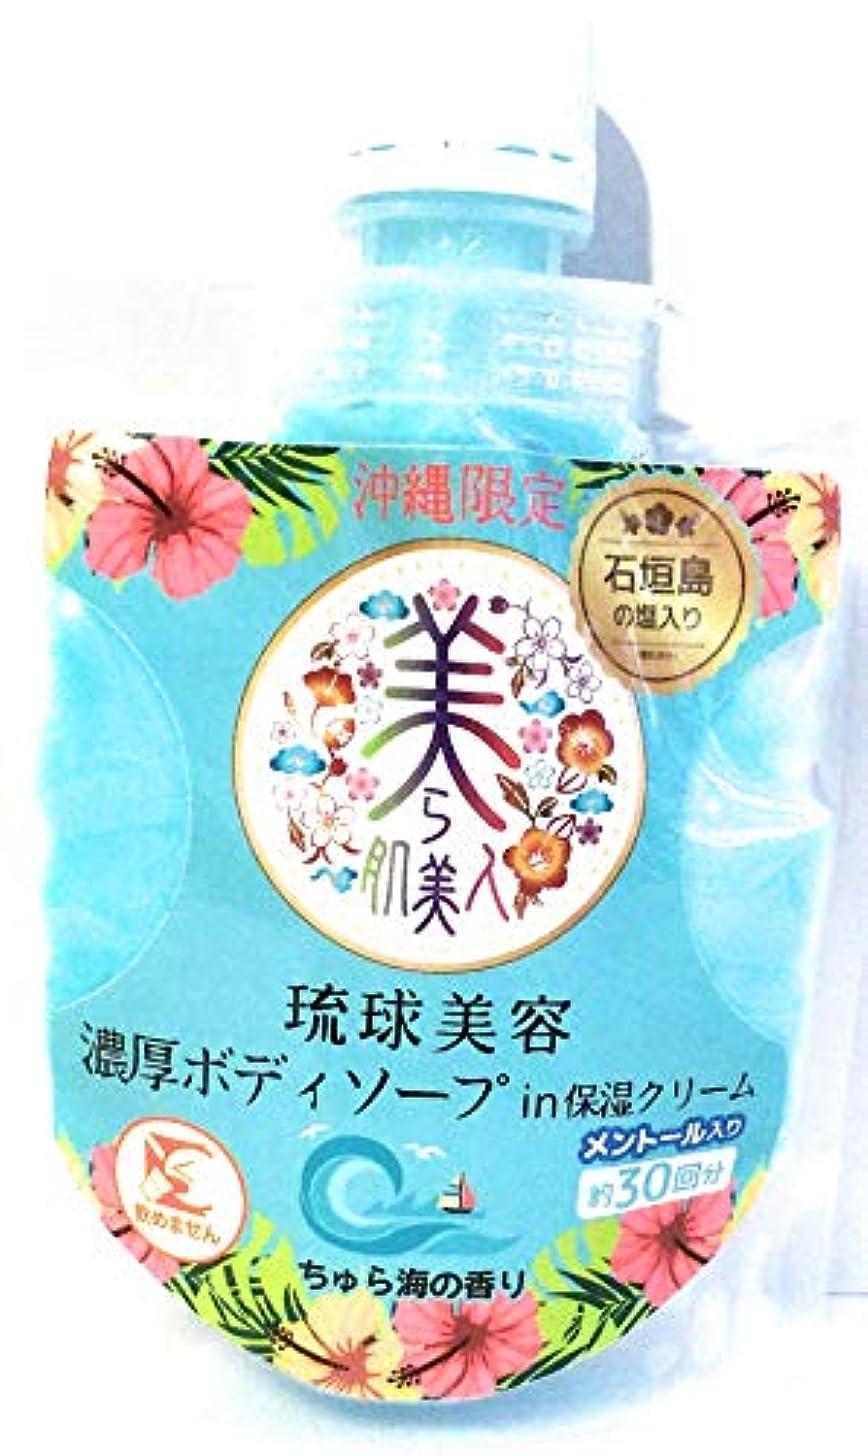 沖縄限定 美ら肌美人 琉球美容濃厚ボディソープin保湿クリーム(メントール入り) ちゅら海の香り